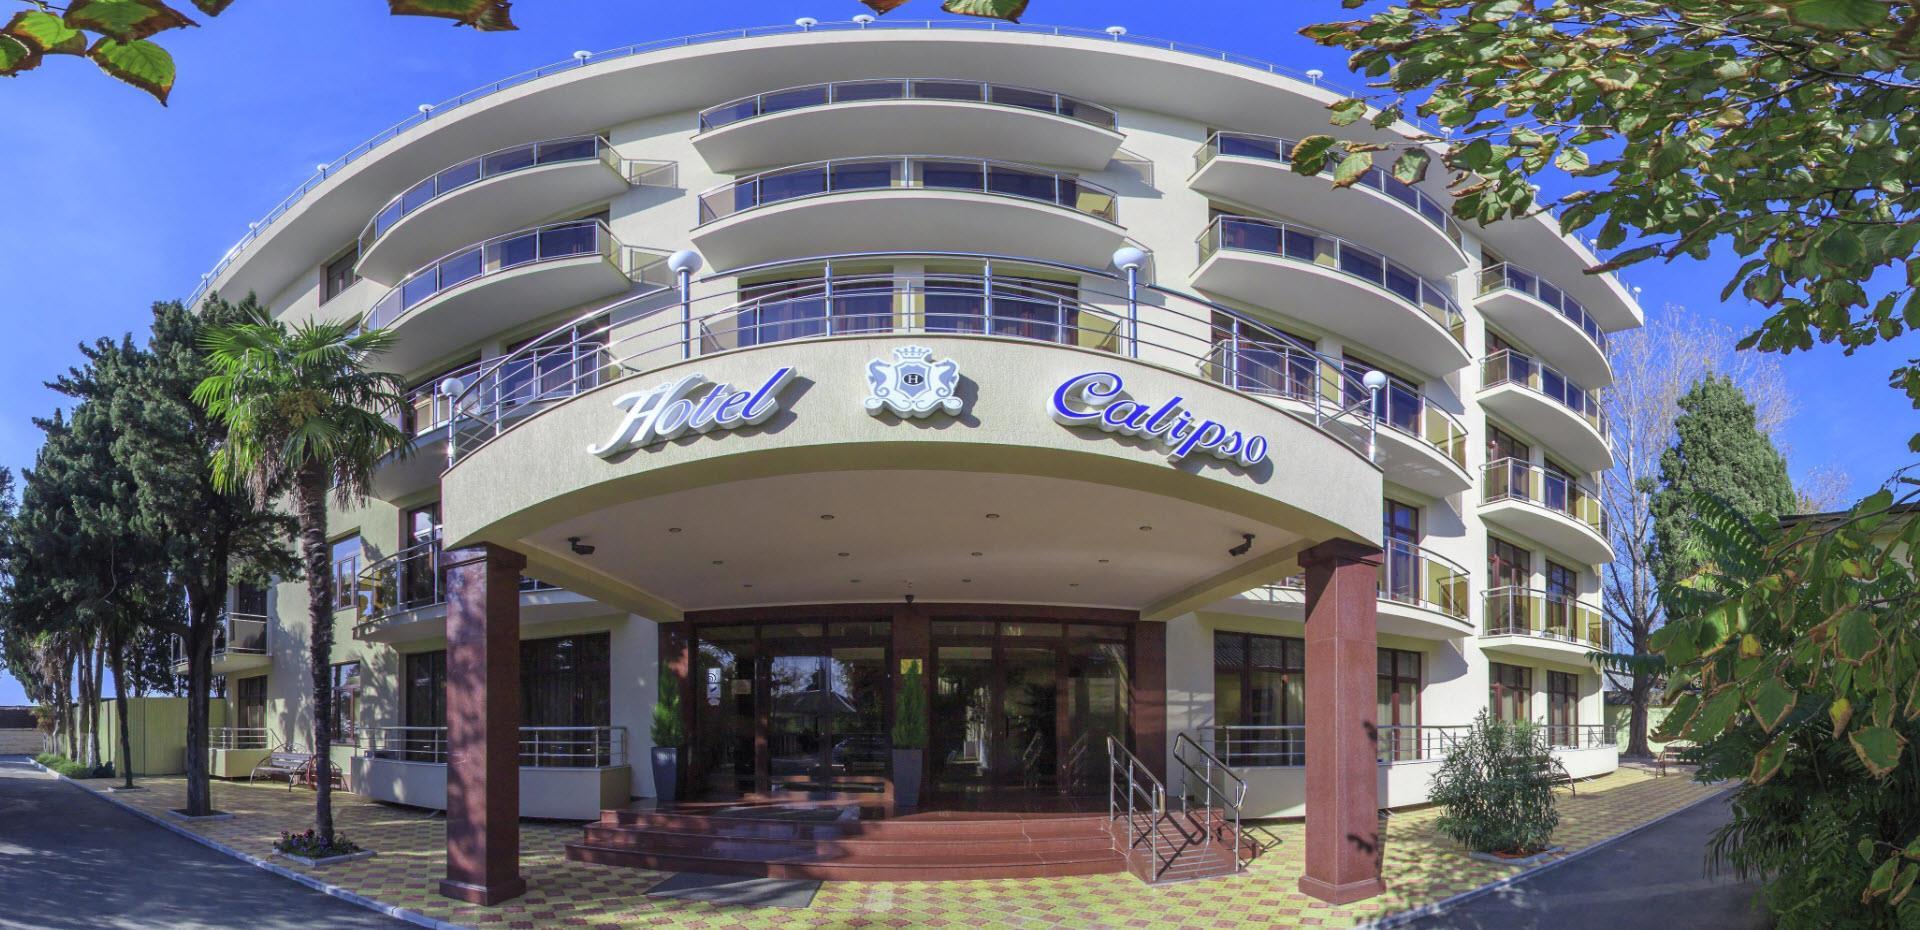 фото отеля калипсо в лазаревском официальный сайт мирное